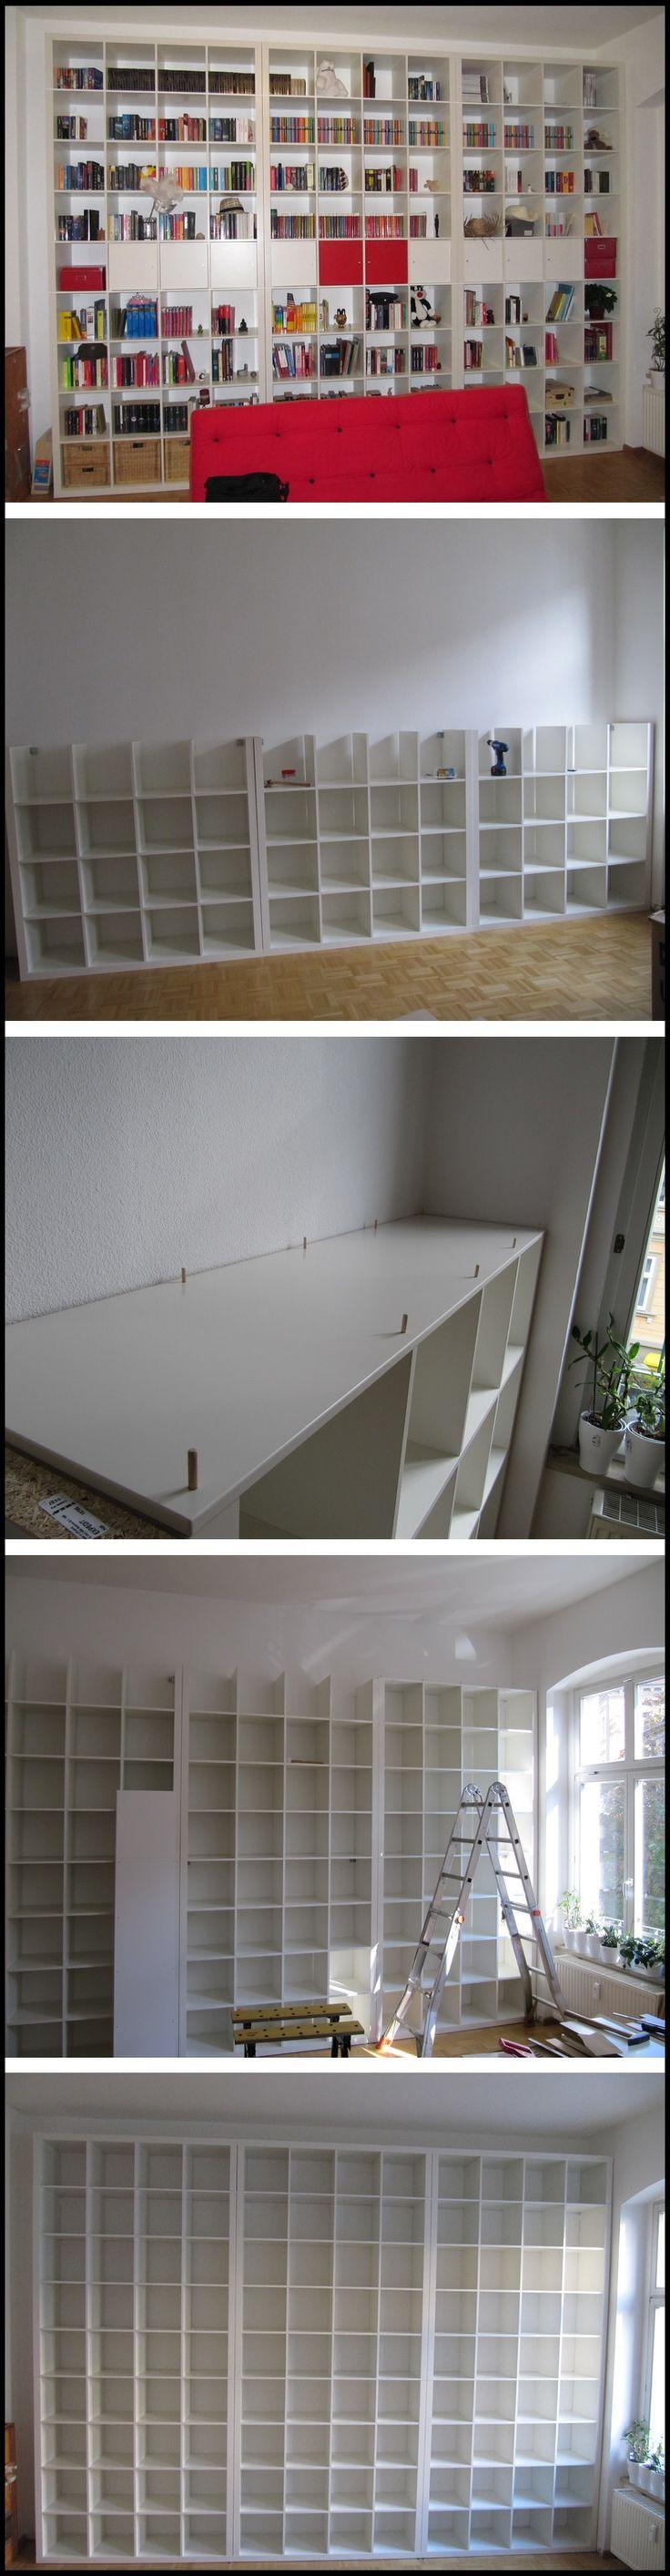 Ikea schrankwand swalif - Schrankwand ikea ...